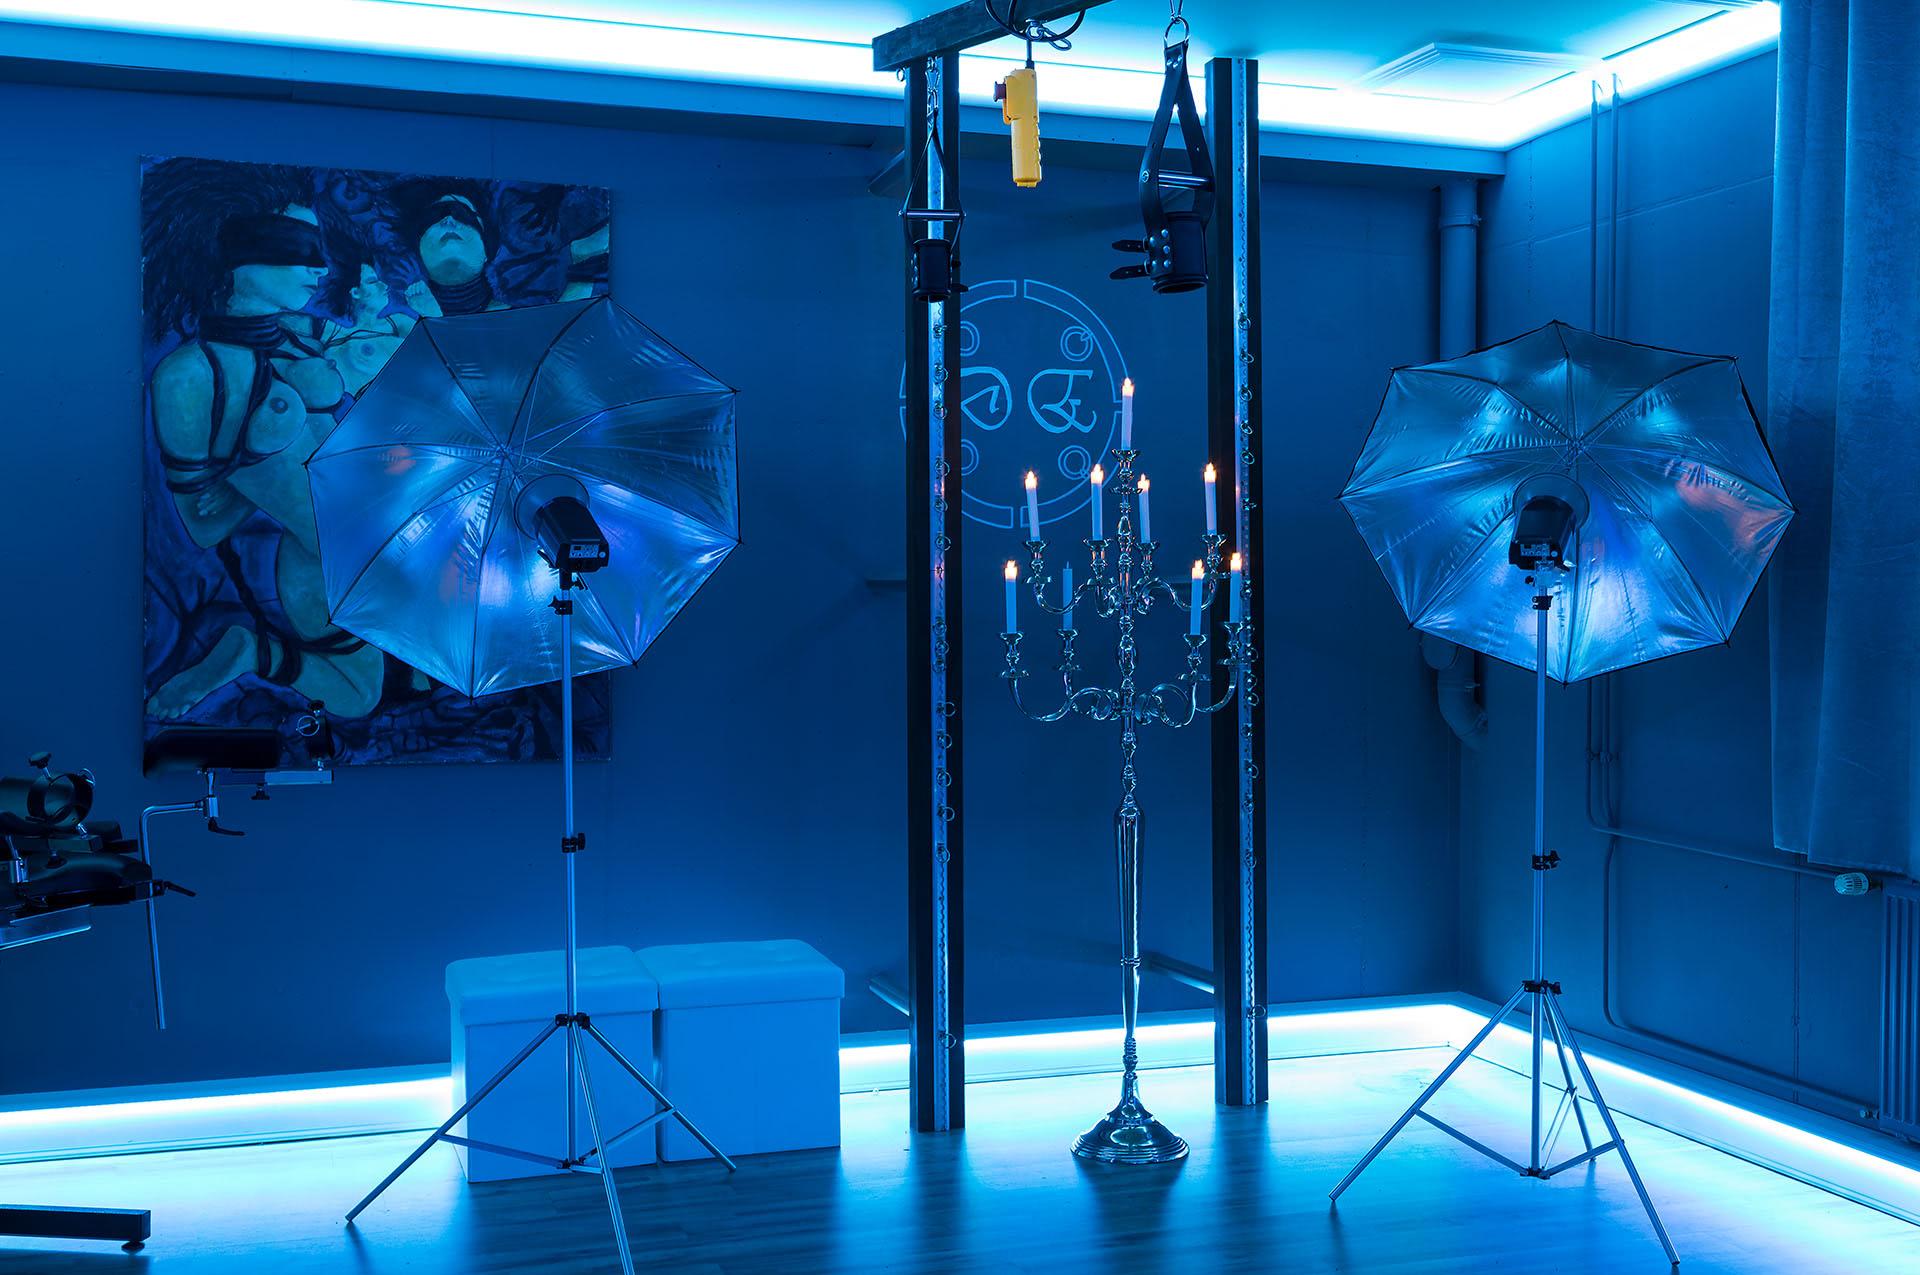 Dark Elements Studio Lichtequipment Elinchrom Blitzköpfe und Dauerlicht - BDSM Mietstudio, Fetisch, Mietstudio